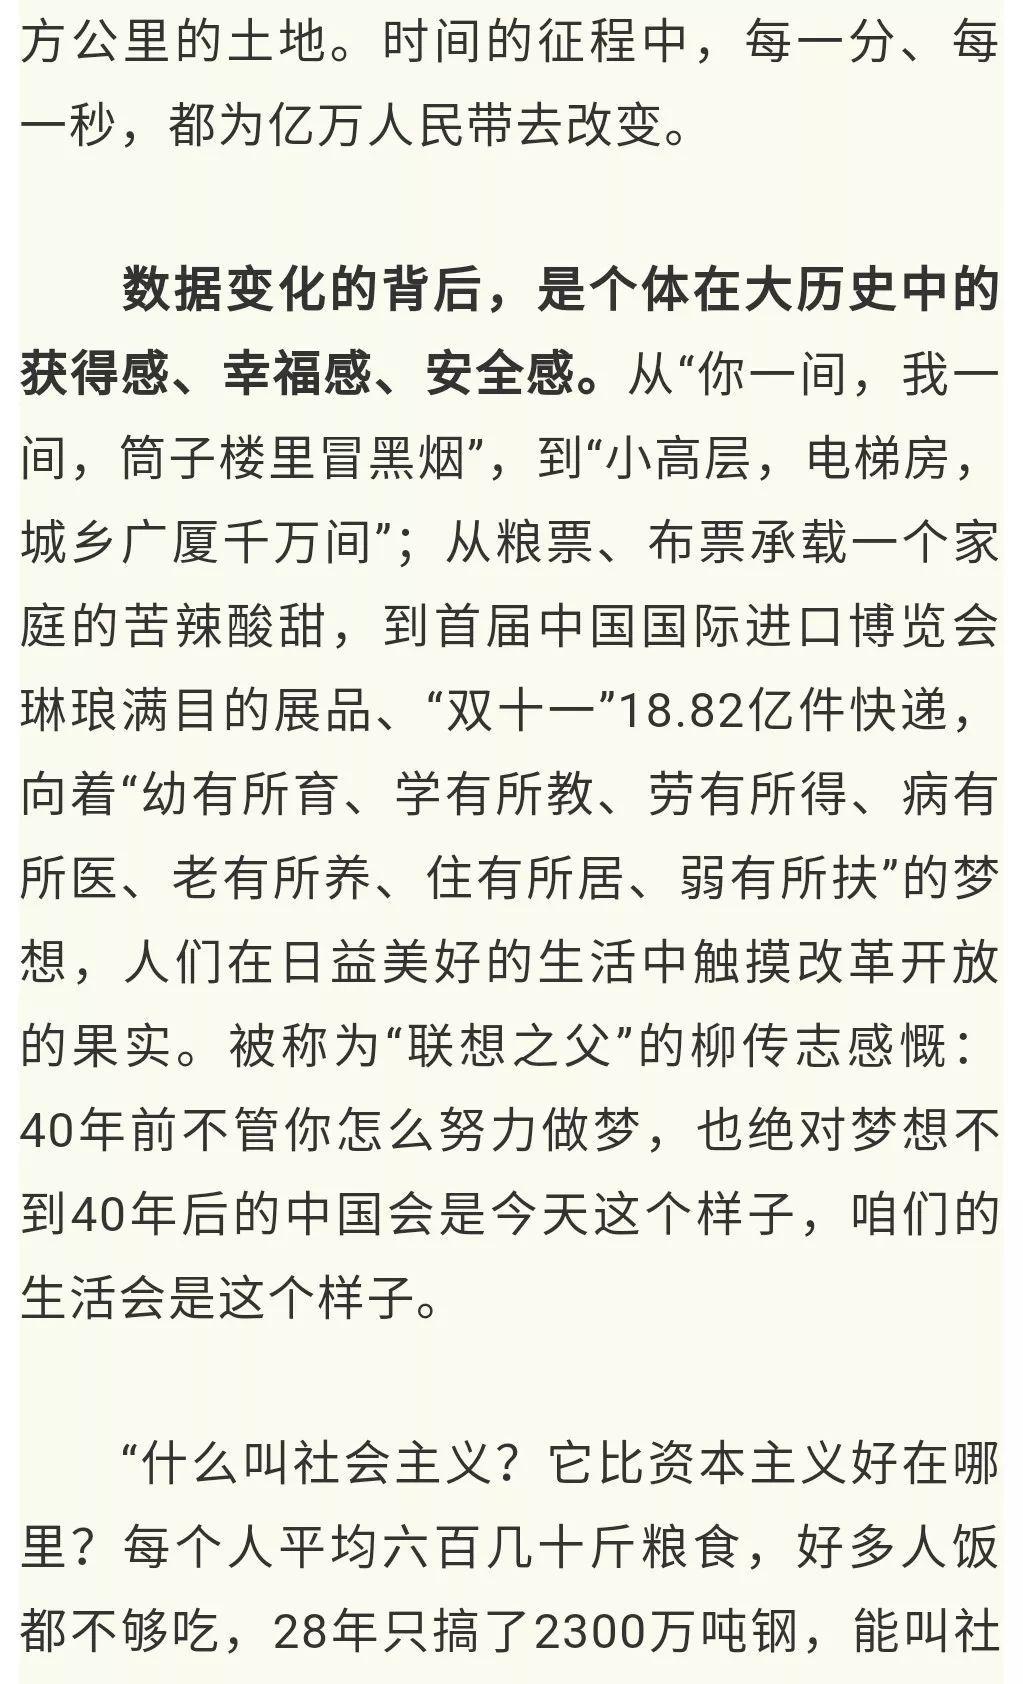 甘肃经济总量1978_甘肃经济日报社刘峰